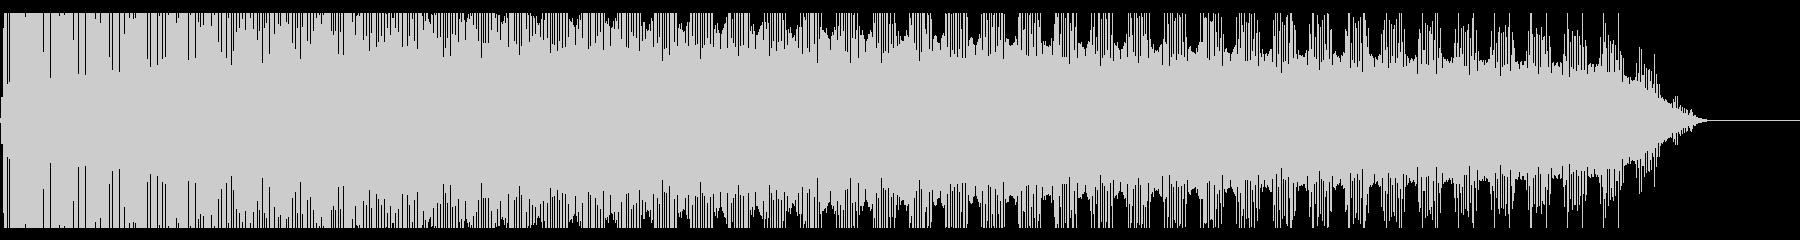 ビー!(弾/発射/ファミコン/攻撃の未再生の波形